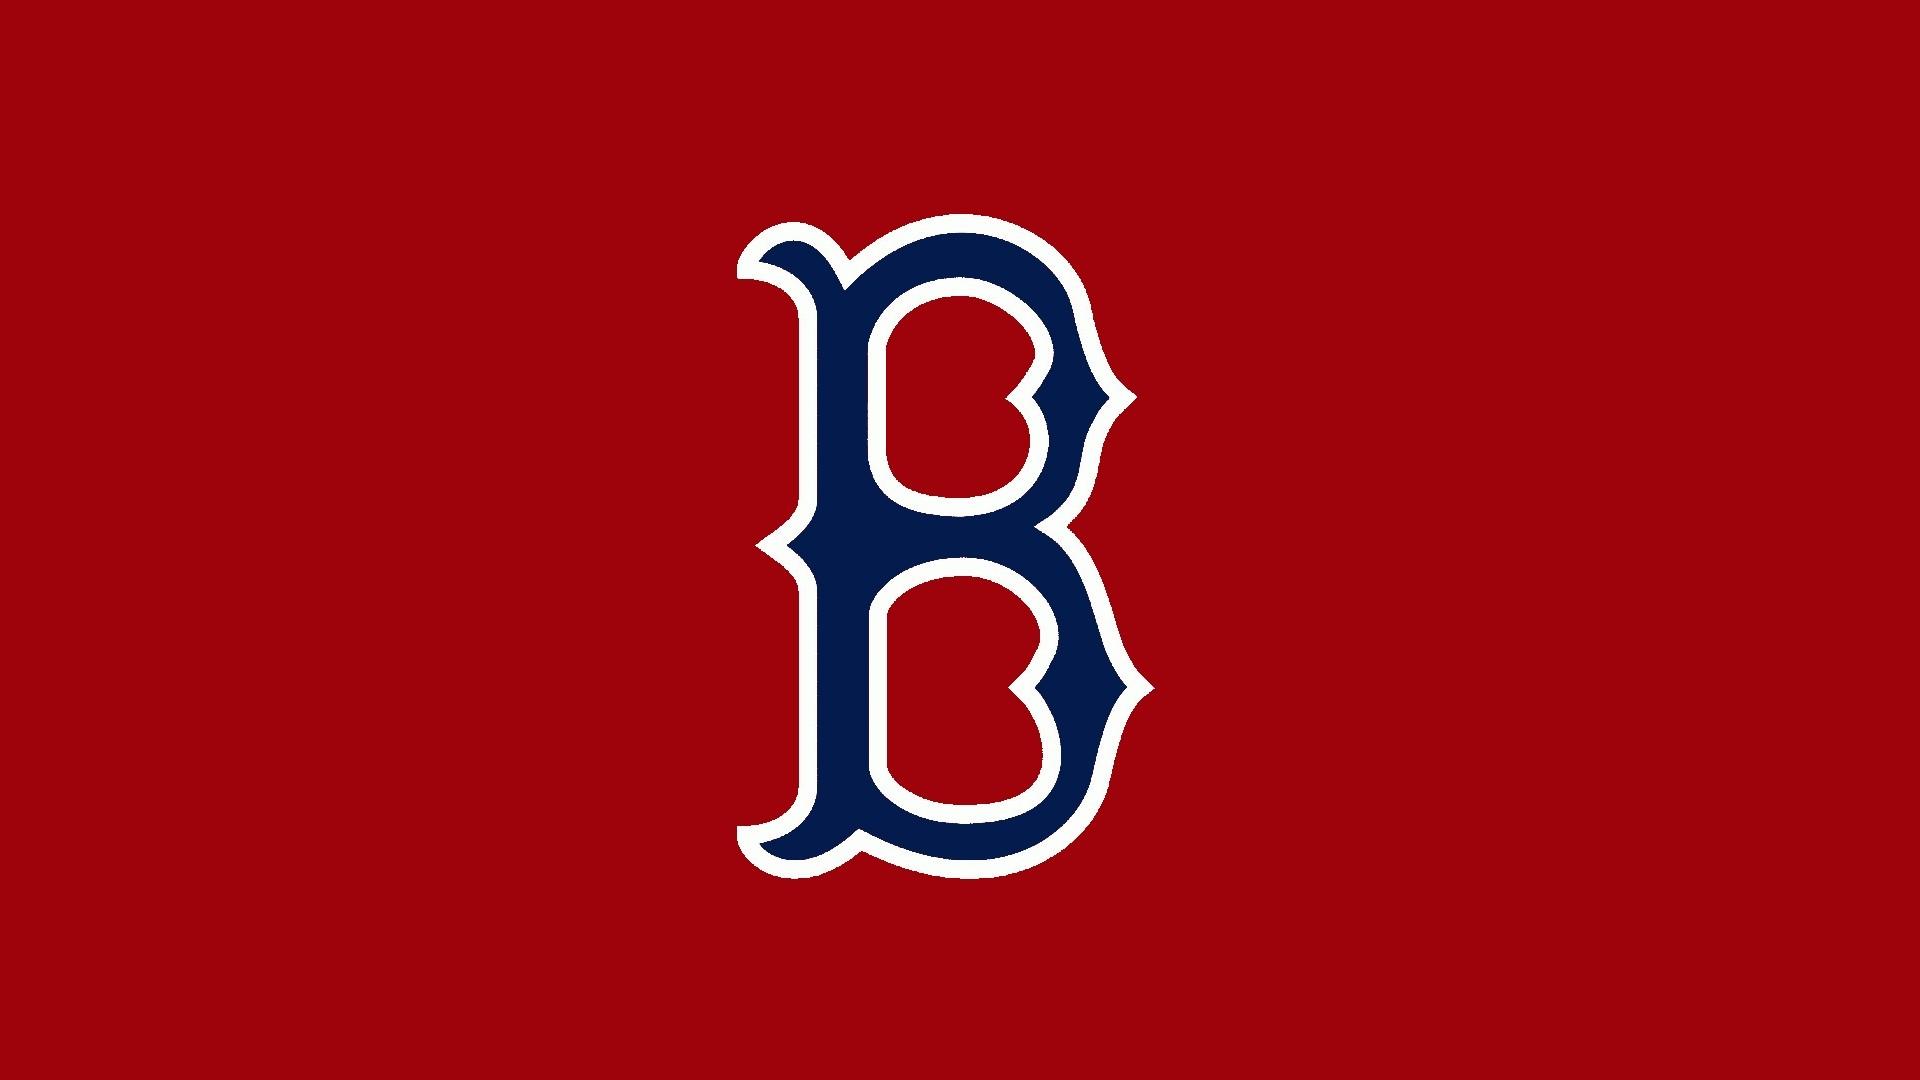 Red Sox computer wallpaper